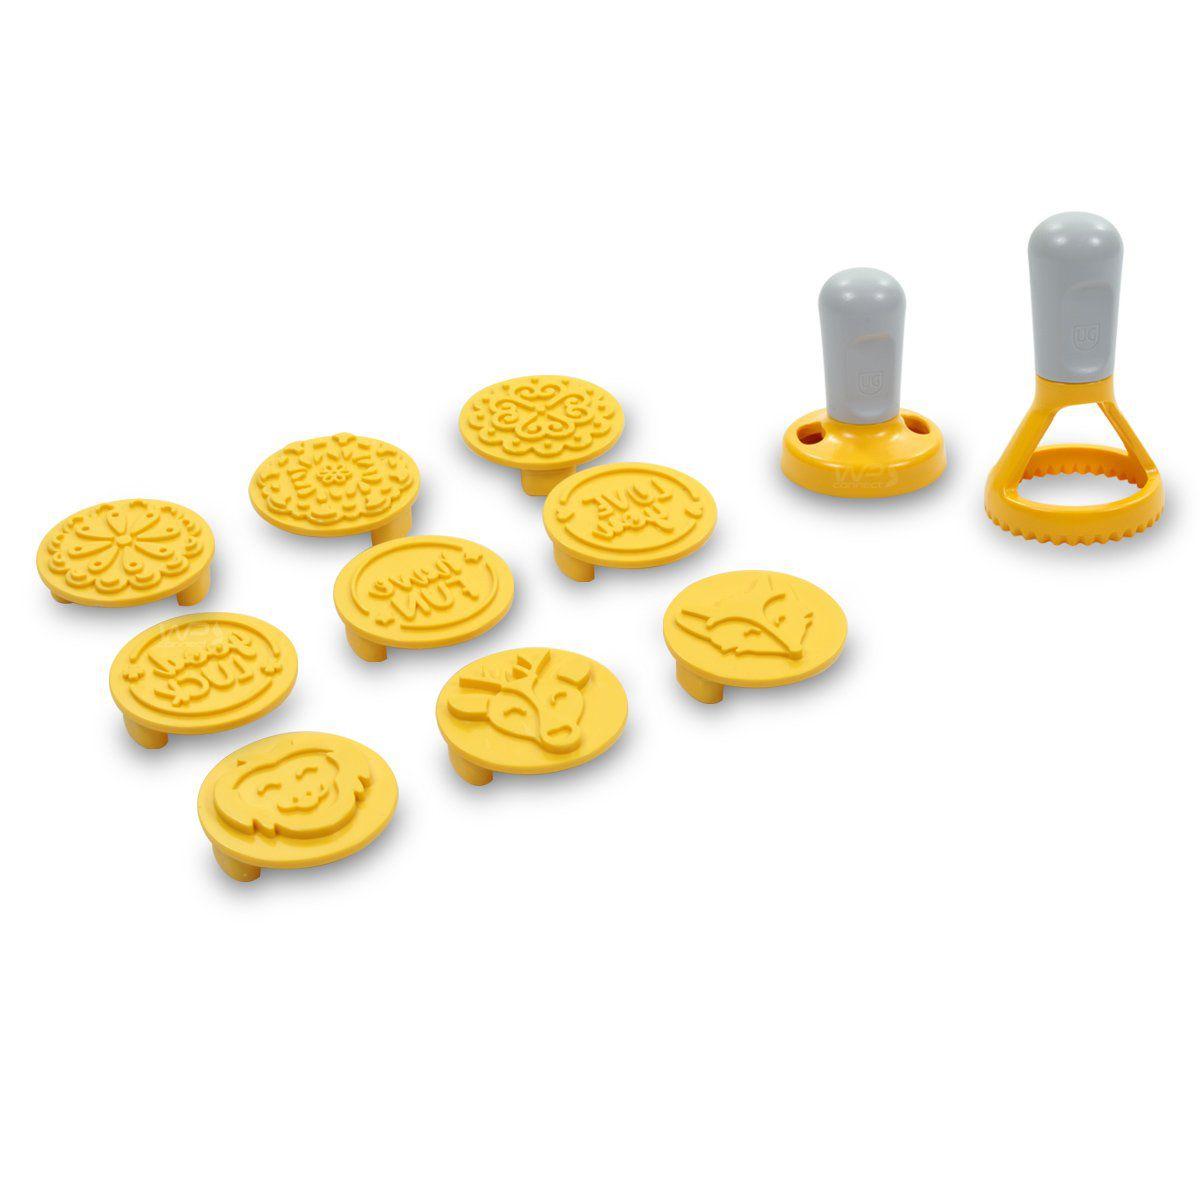 Carimbo e Cortador de Biscoitos Com Livro de Receitas - Amarelo